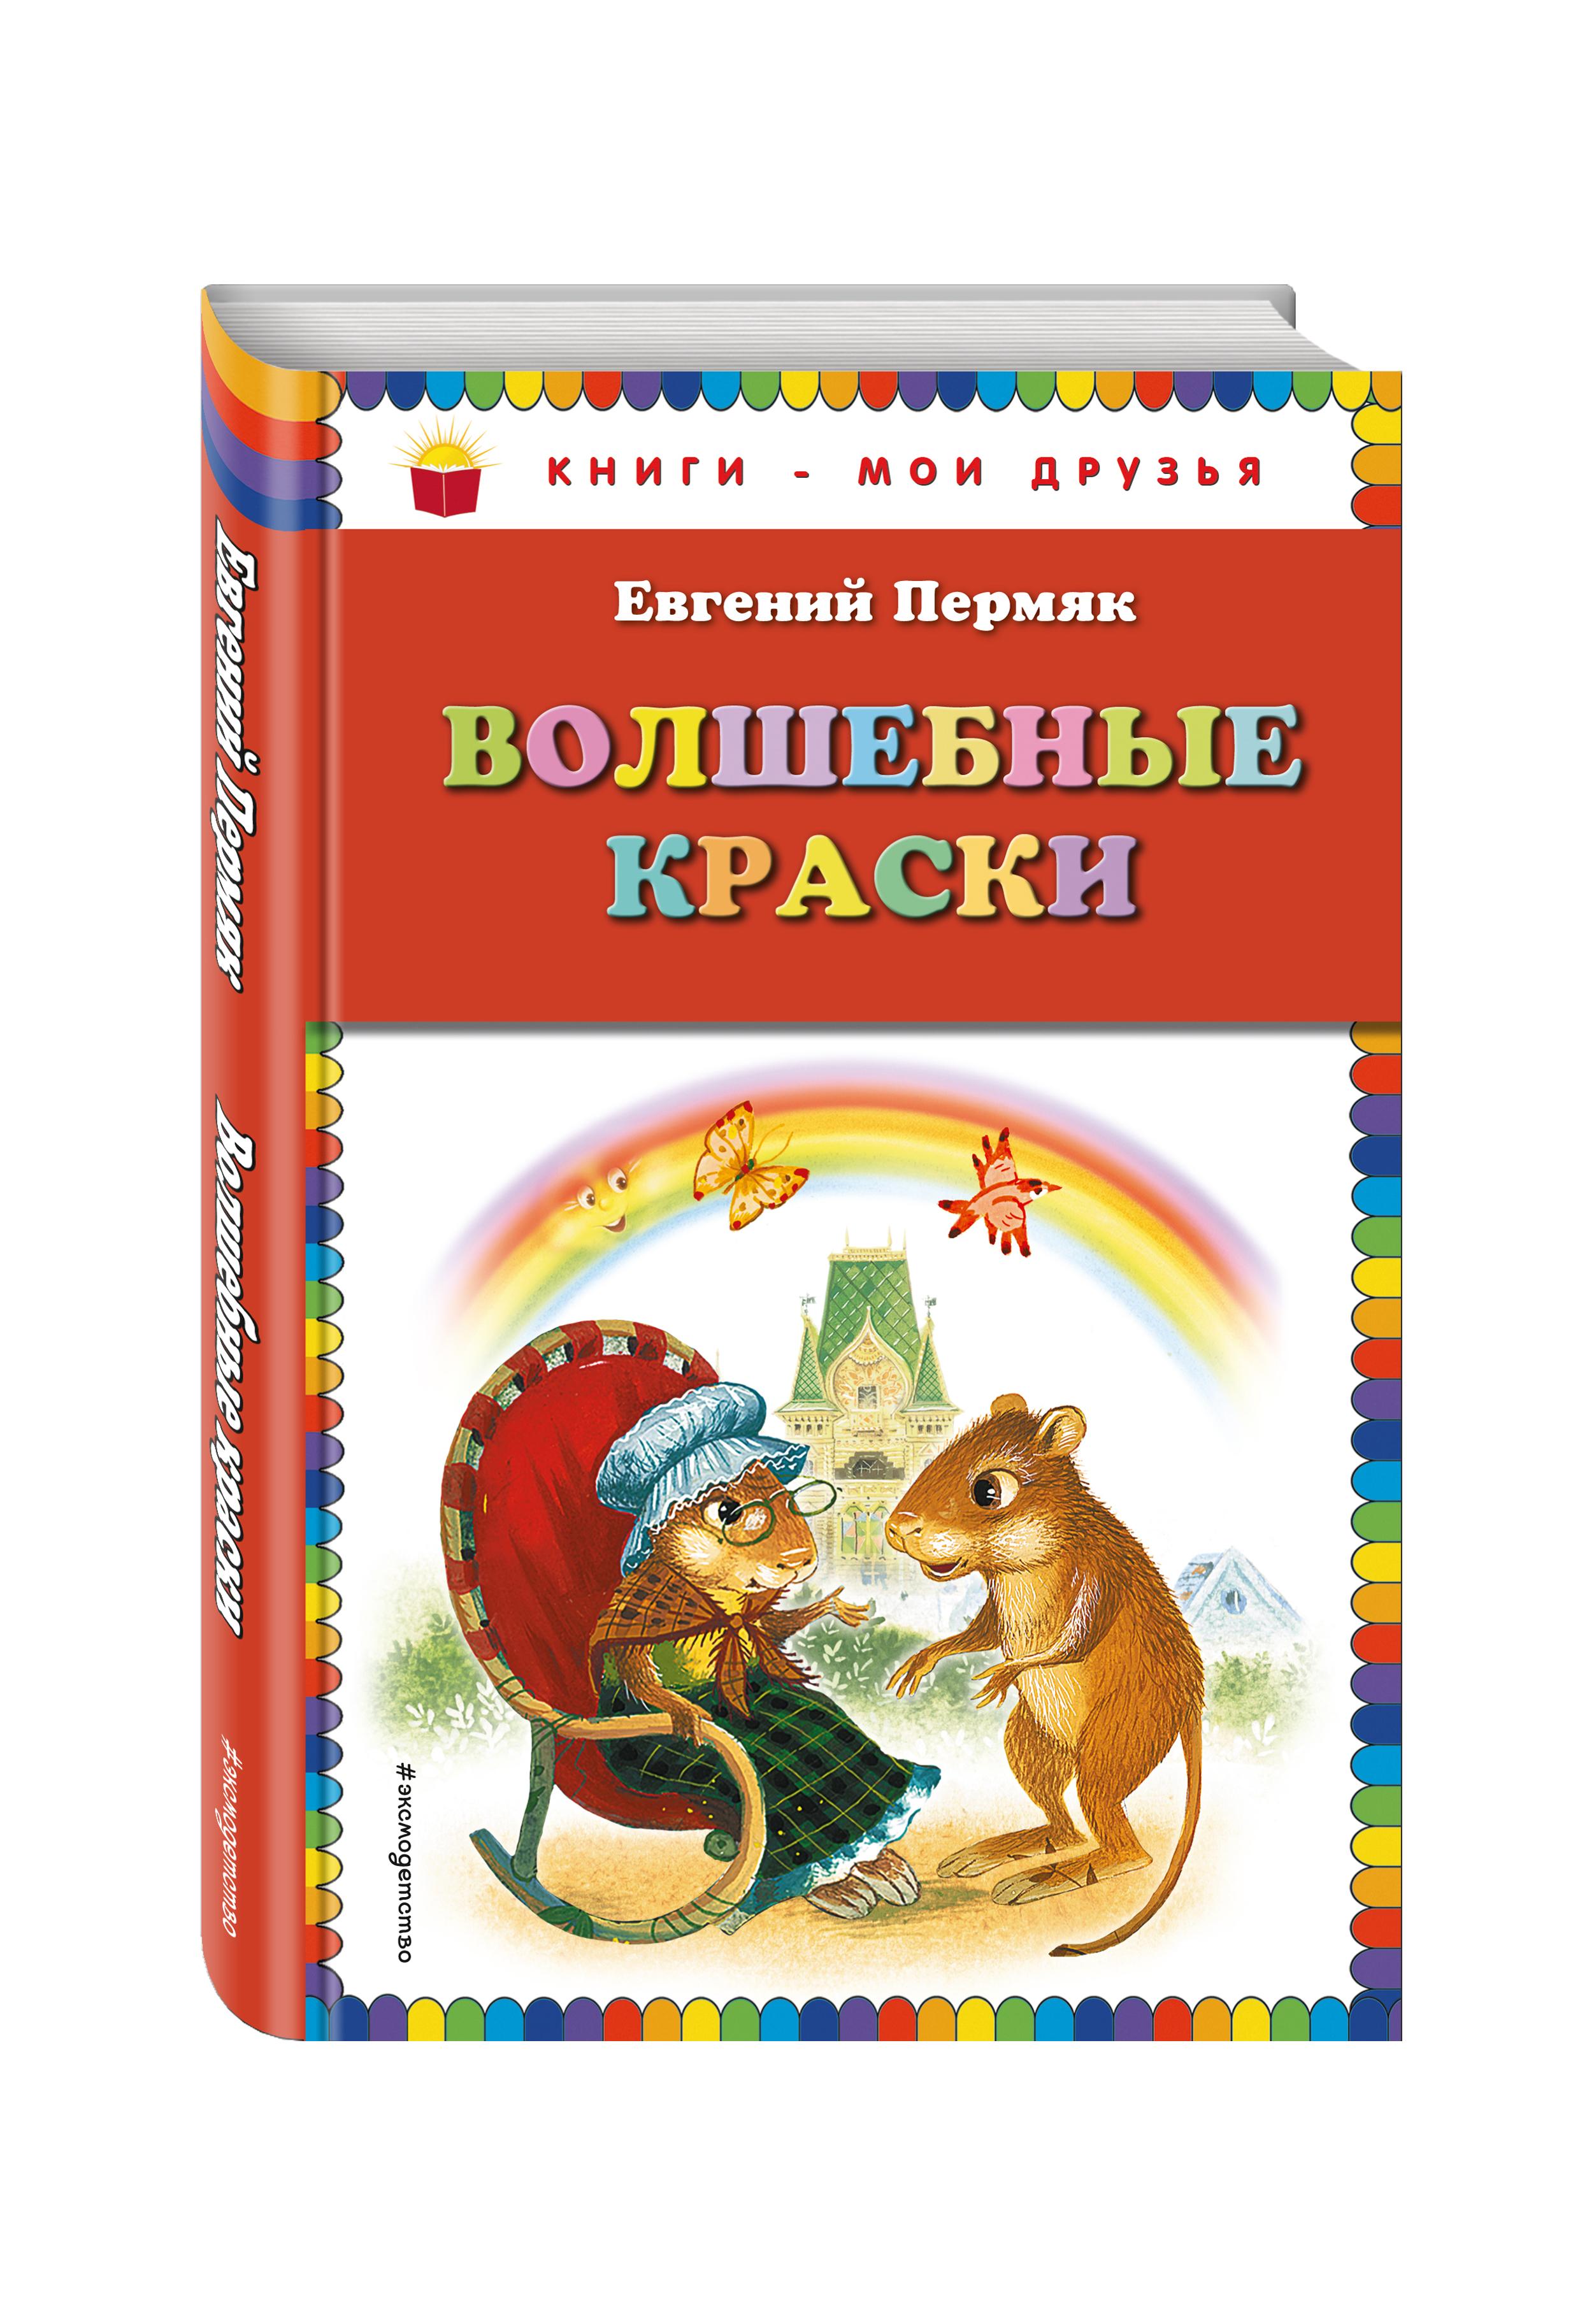 Евгений Пермяк Волшебные краски (ст. изд.) евгений пермяк далматова фартуната